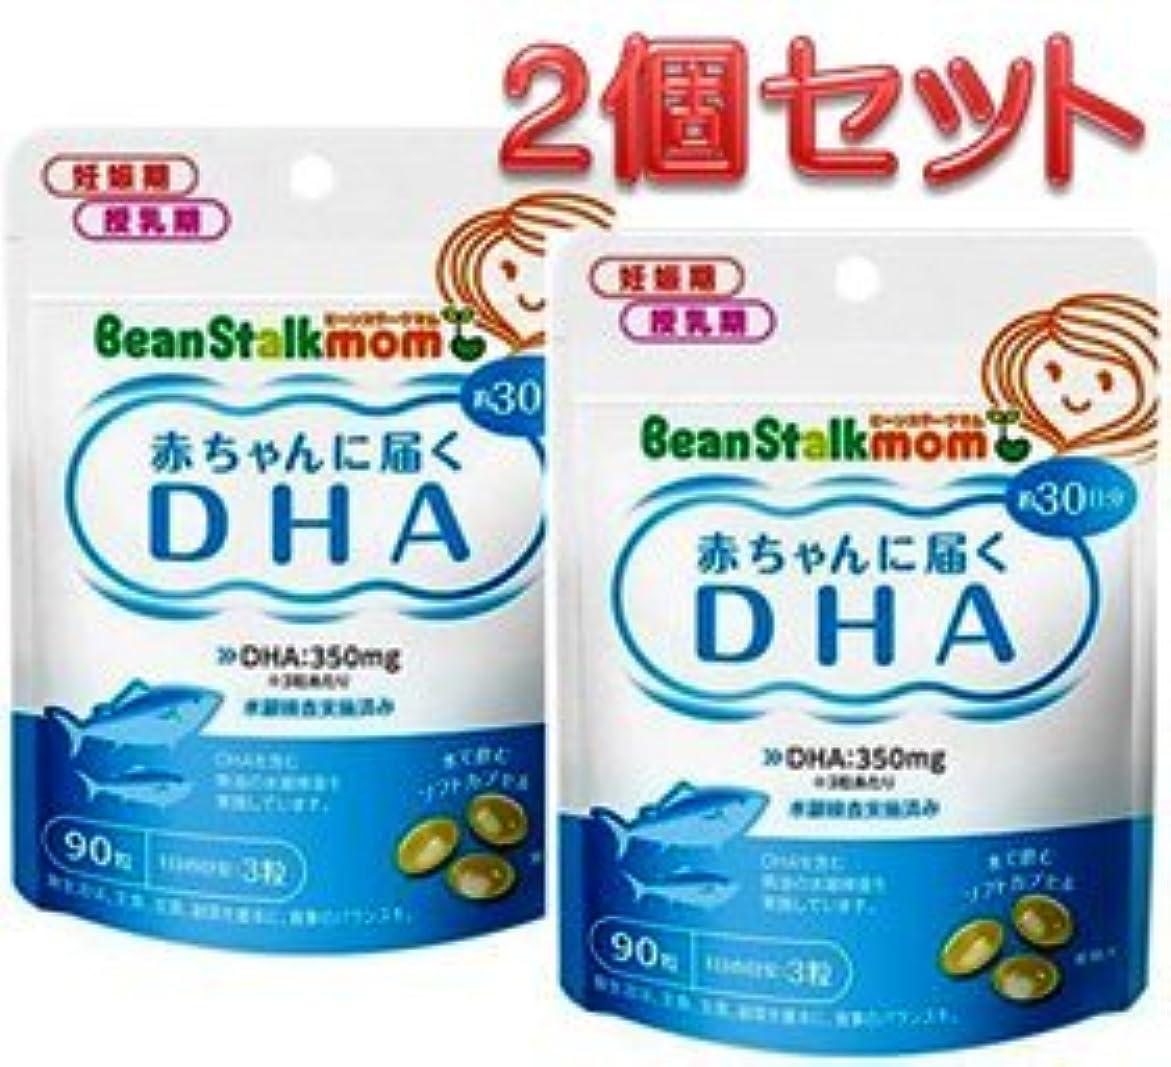 矢ボックス必要条件ビーンスターク?スノー ビーンスタークマム 母乳にいいもの赤ちゃんに届くDHA90粒(30日分) ×2個セット2か月分